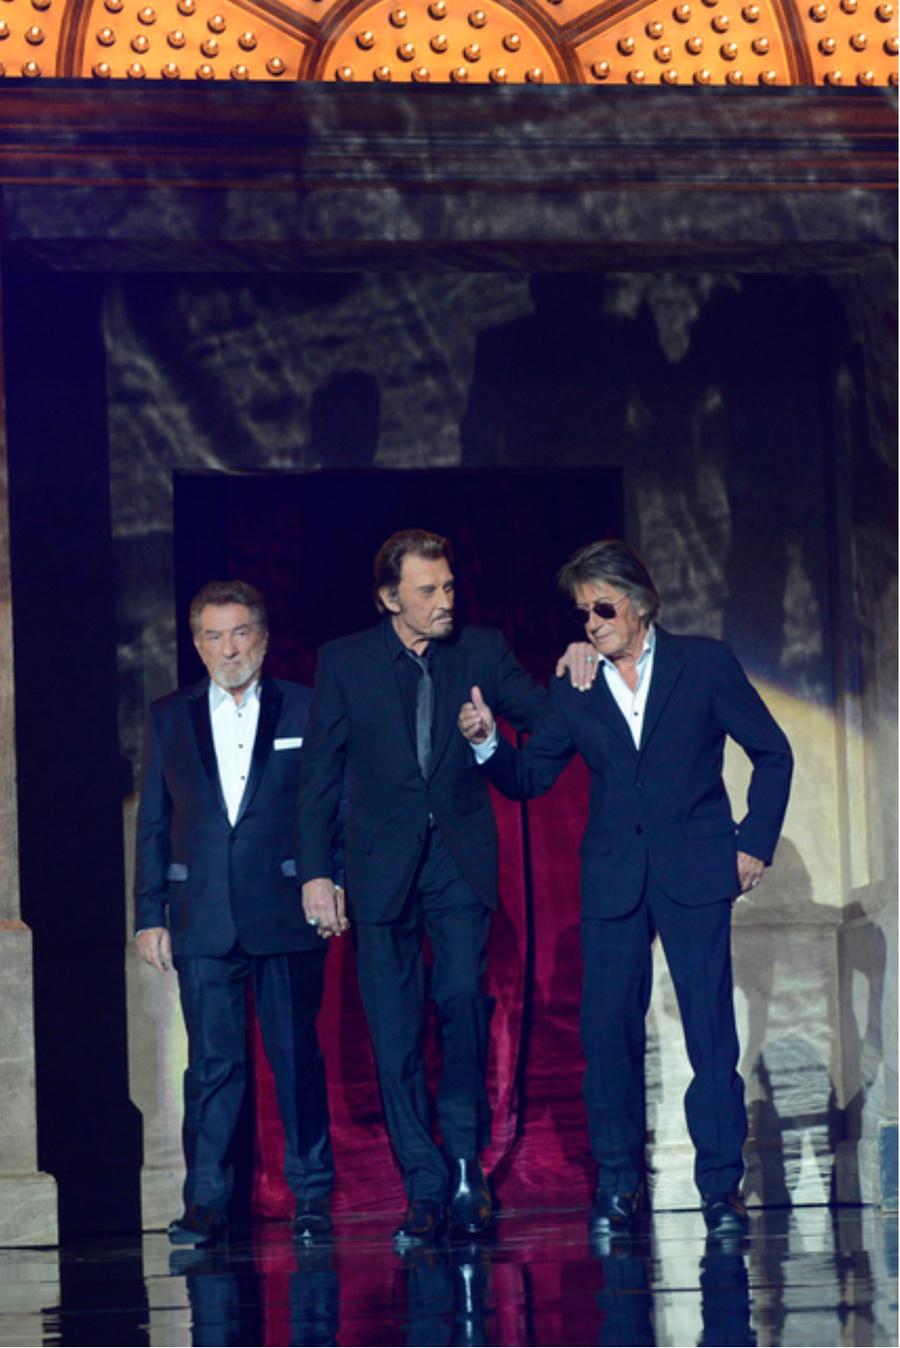 LES CONCERTS DE JOHNNY 'LES VIEILLES CANAILLES - 'PARIS 2014' Captu523